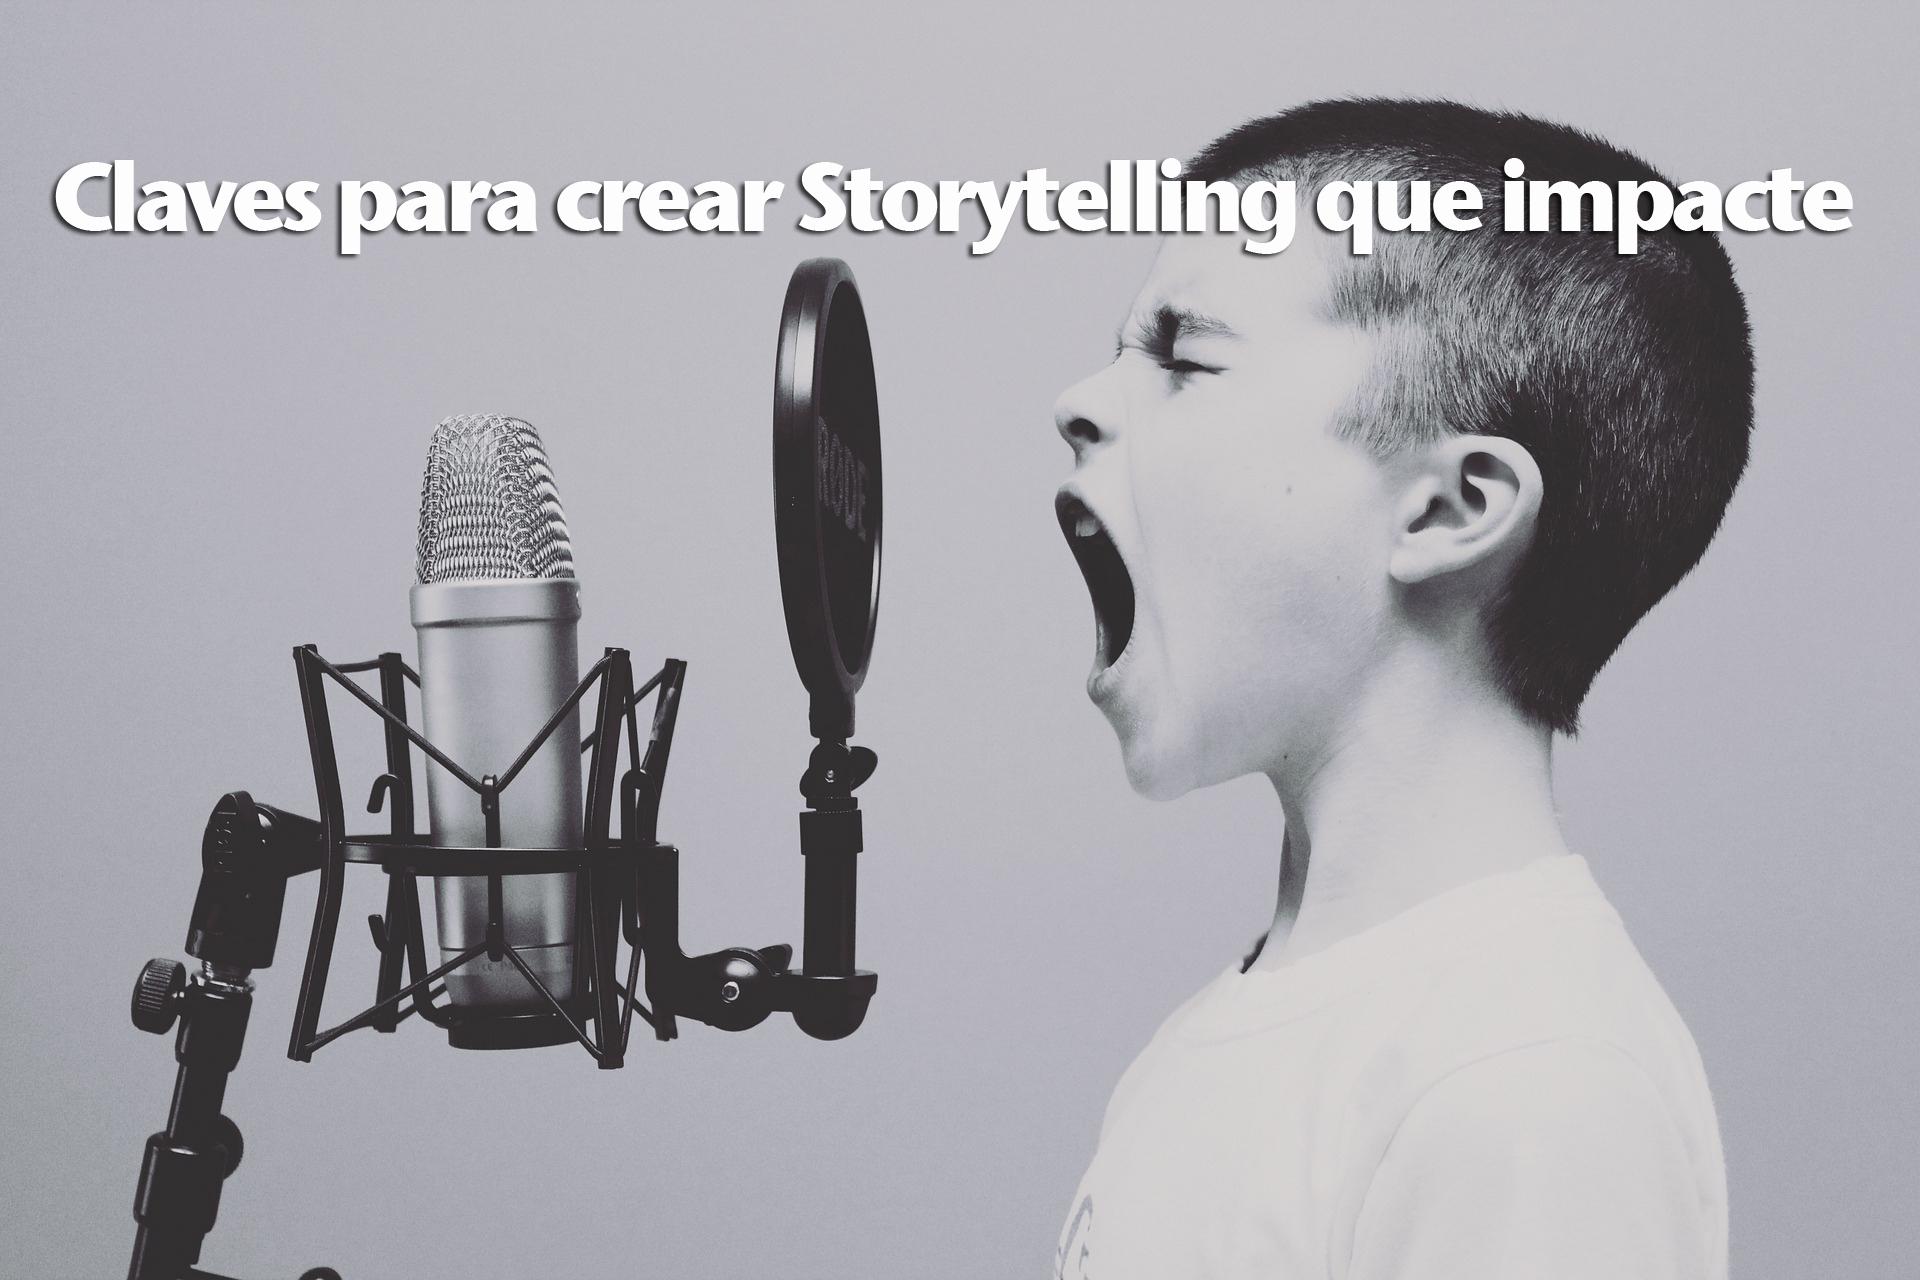 Claves para crear Storytelling que impacte Elia Guardiola